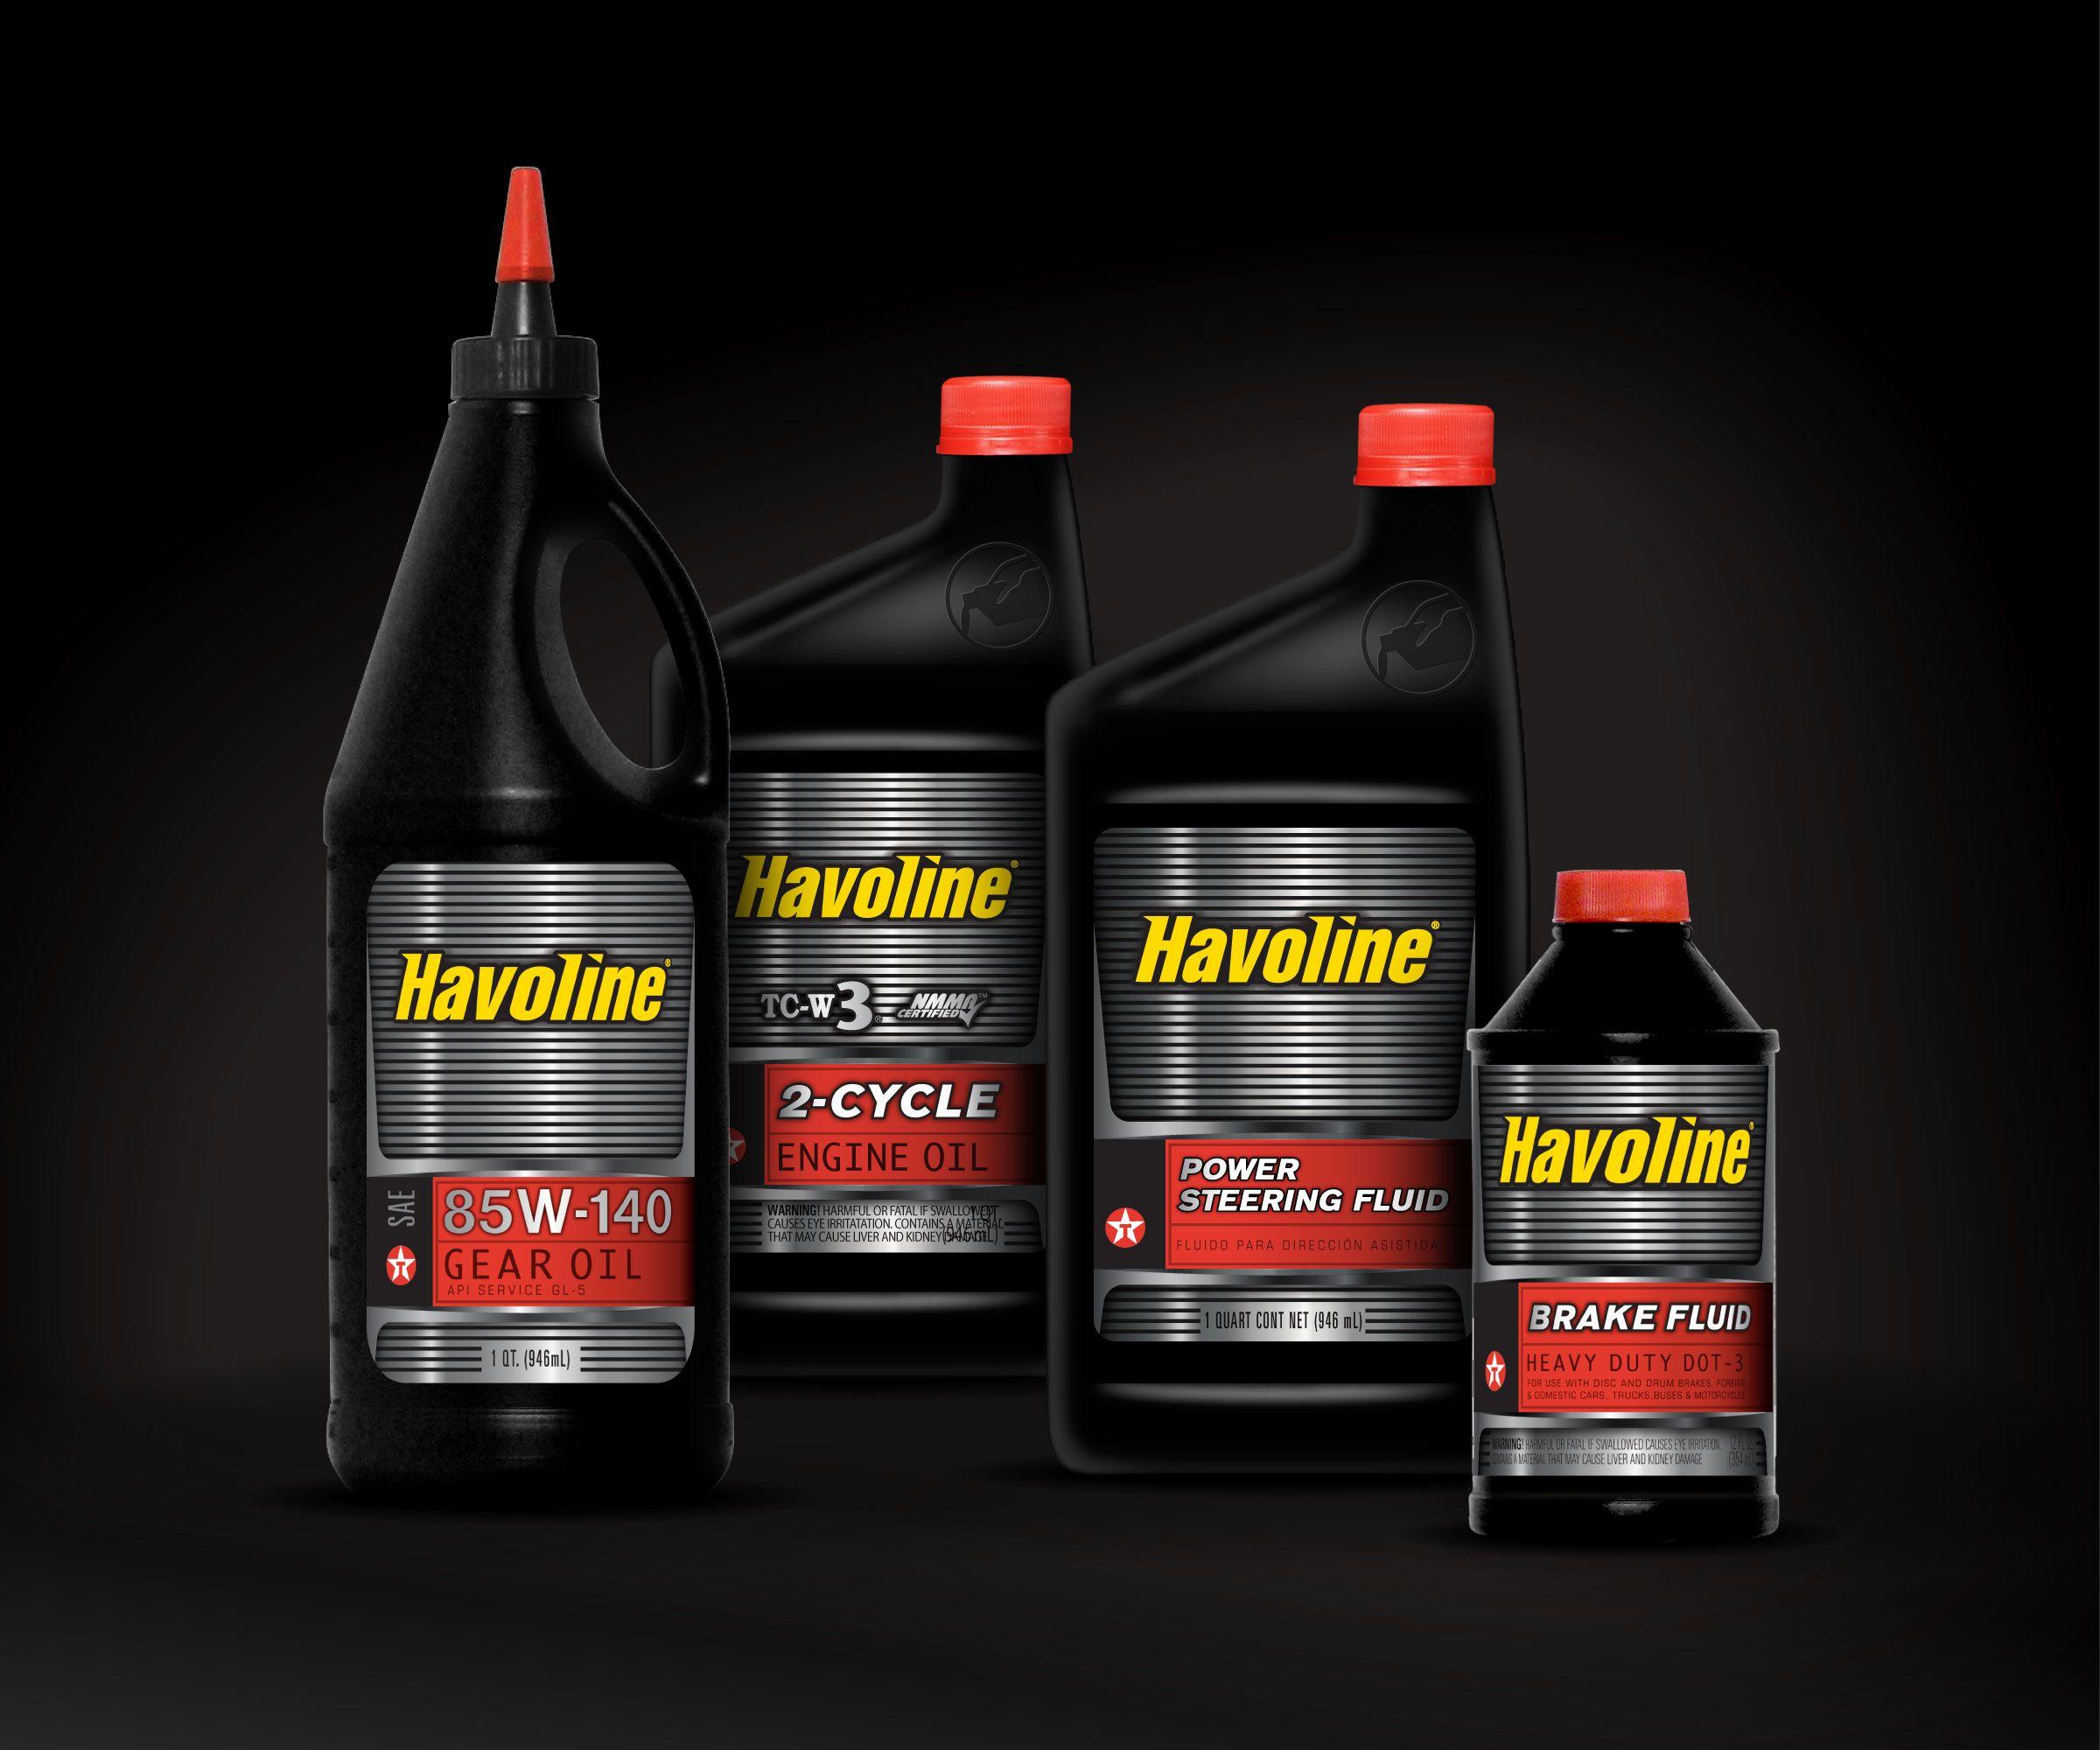 Havoline Mclean Brand Packaging Design Brand Packaging